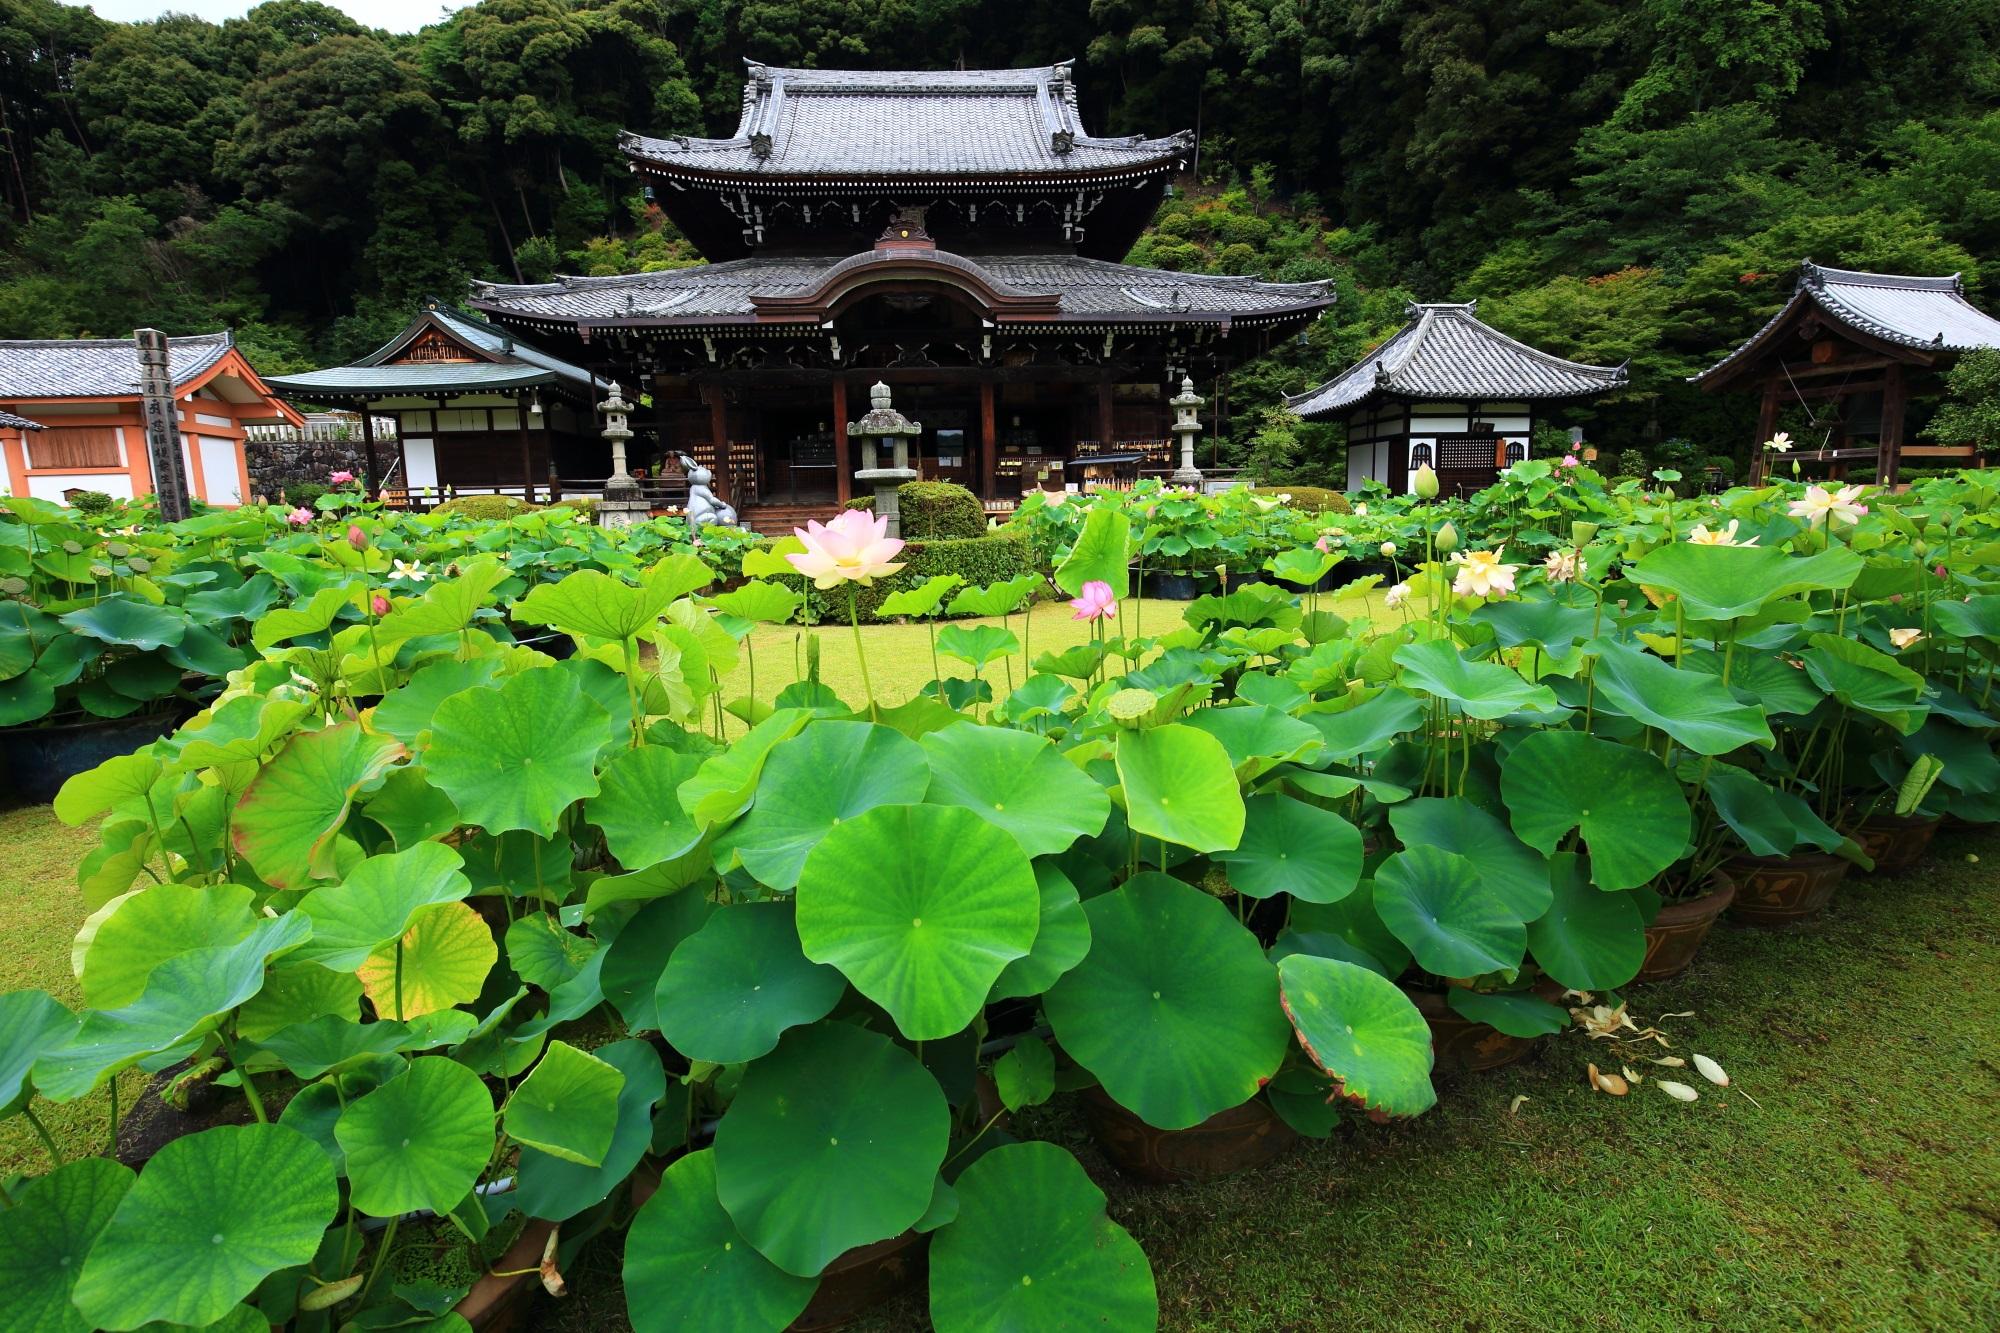 三室戸寺の素晴らしい蓮や青もみじと初夏の情景